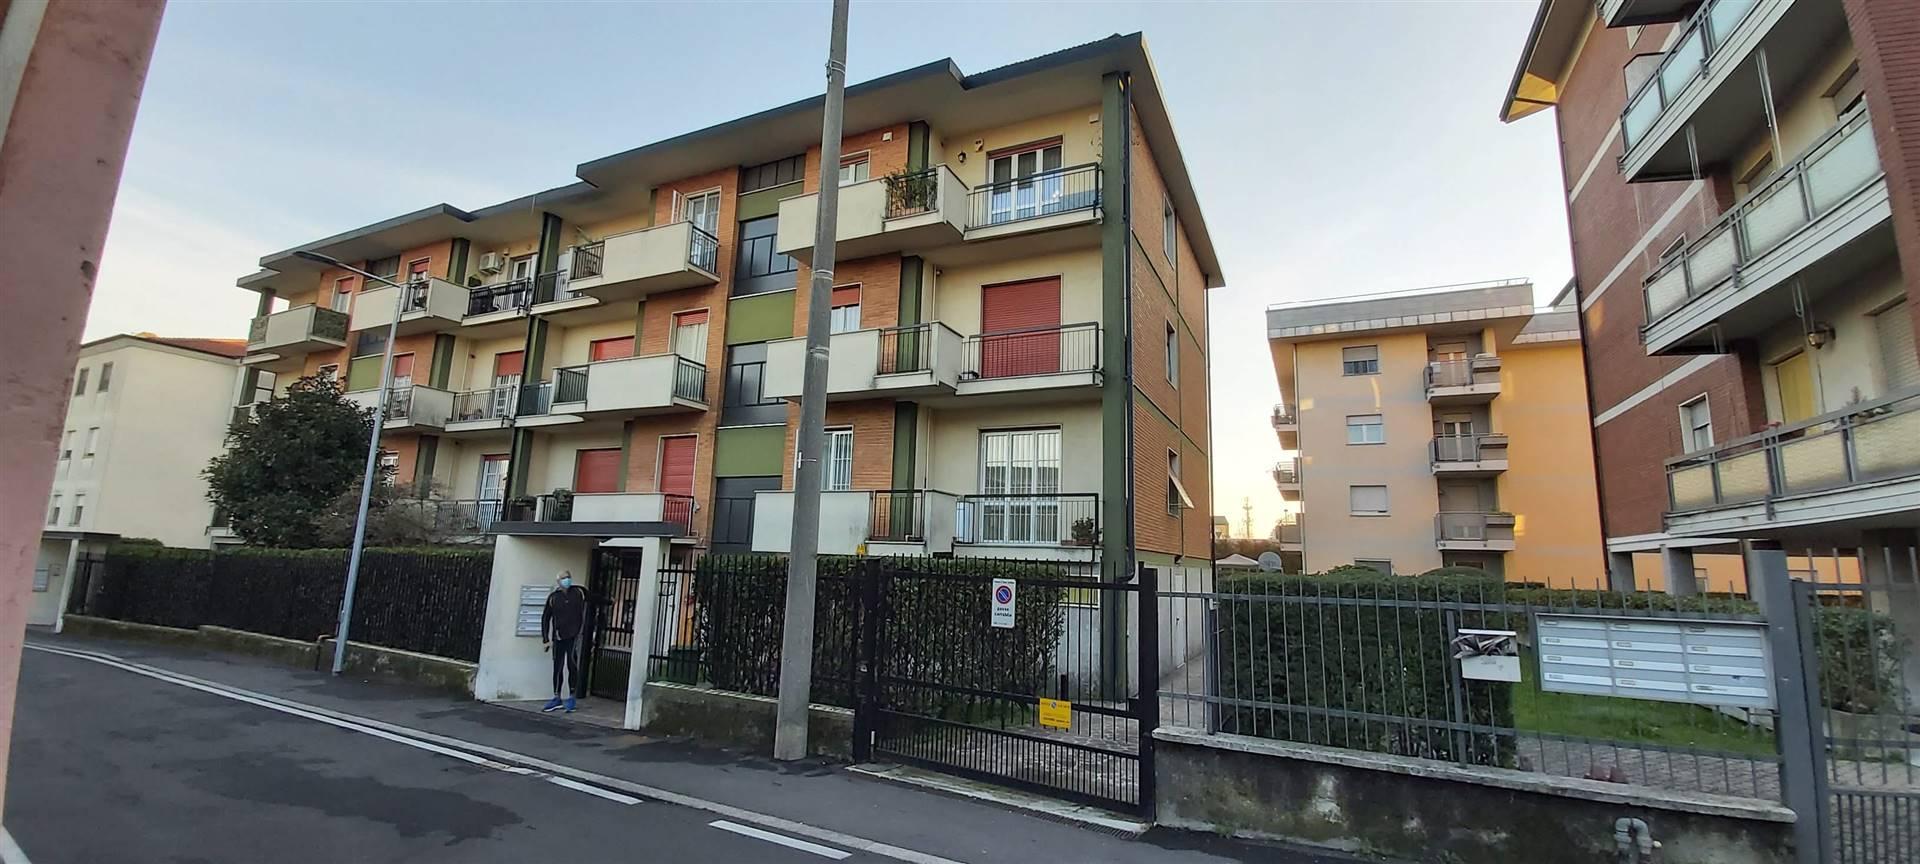 Appartamento in vendita a Trezzo sull'Adda, 3 locali, prezzo € 150.000 | PortaleAgenzieImmobiliari.it